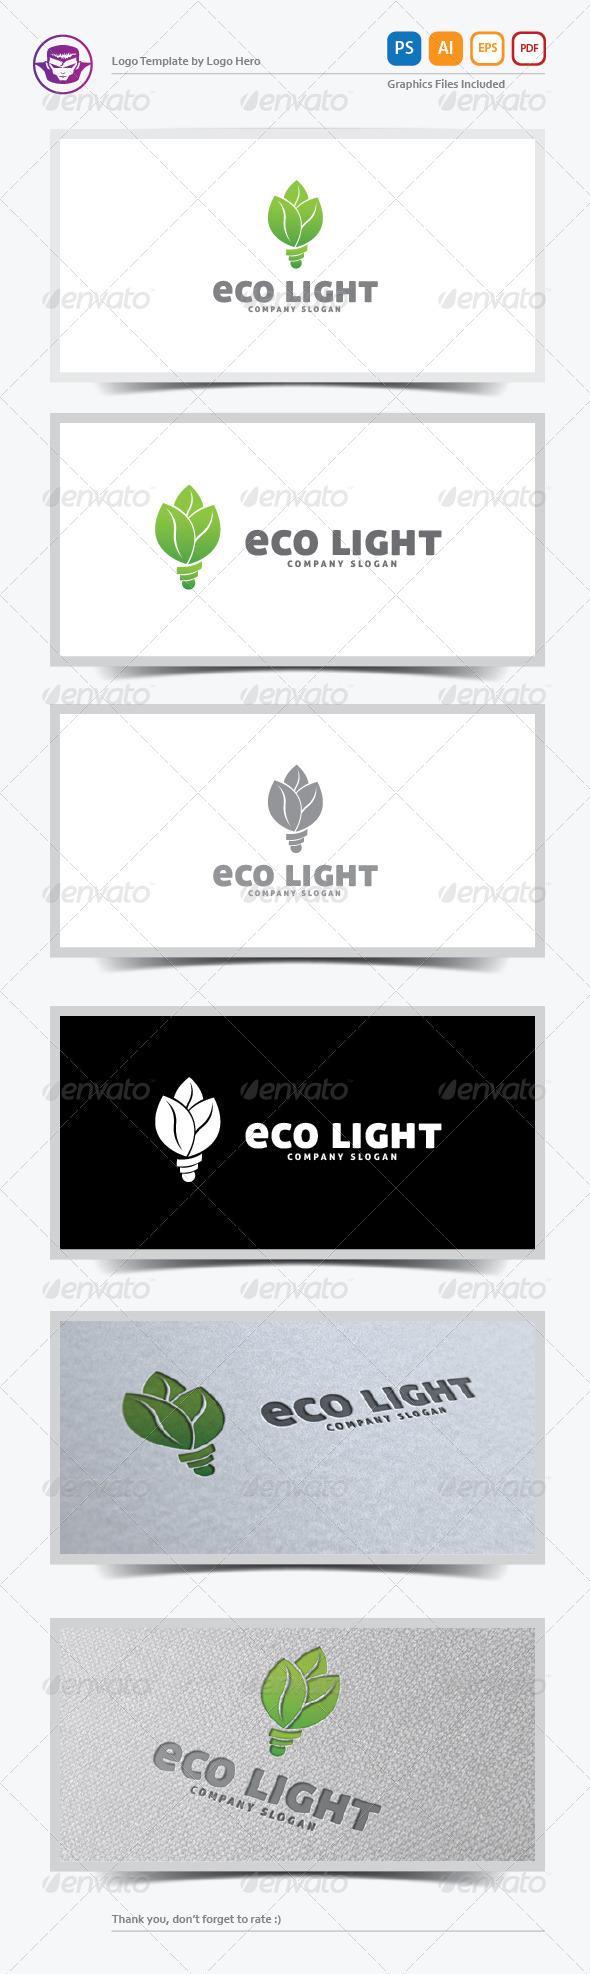 GraphicRiver Eco Light Logo Template 5798033